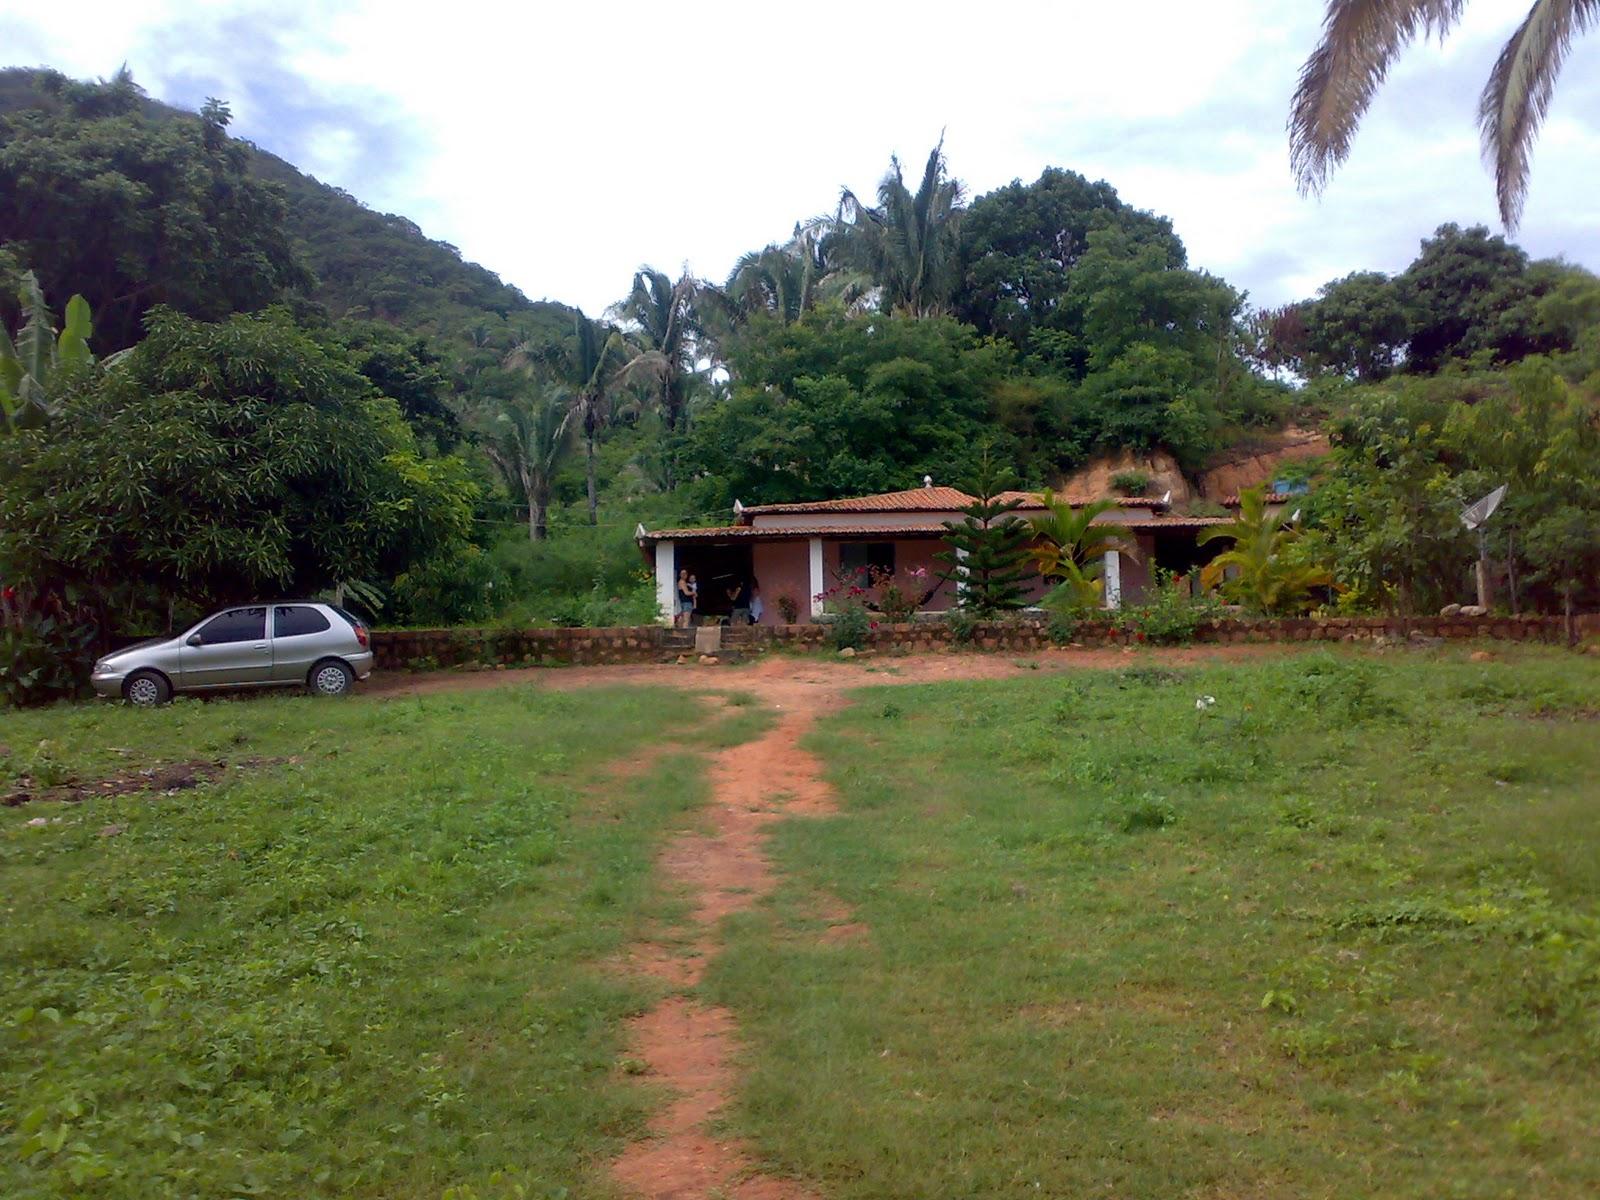 Juazeiro e Região Metropolitana: Casa a venda em Arajara  Barbalha Ce #2377A8 1600 1200